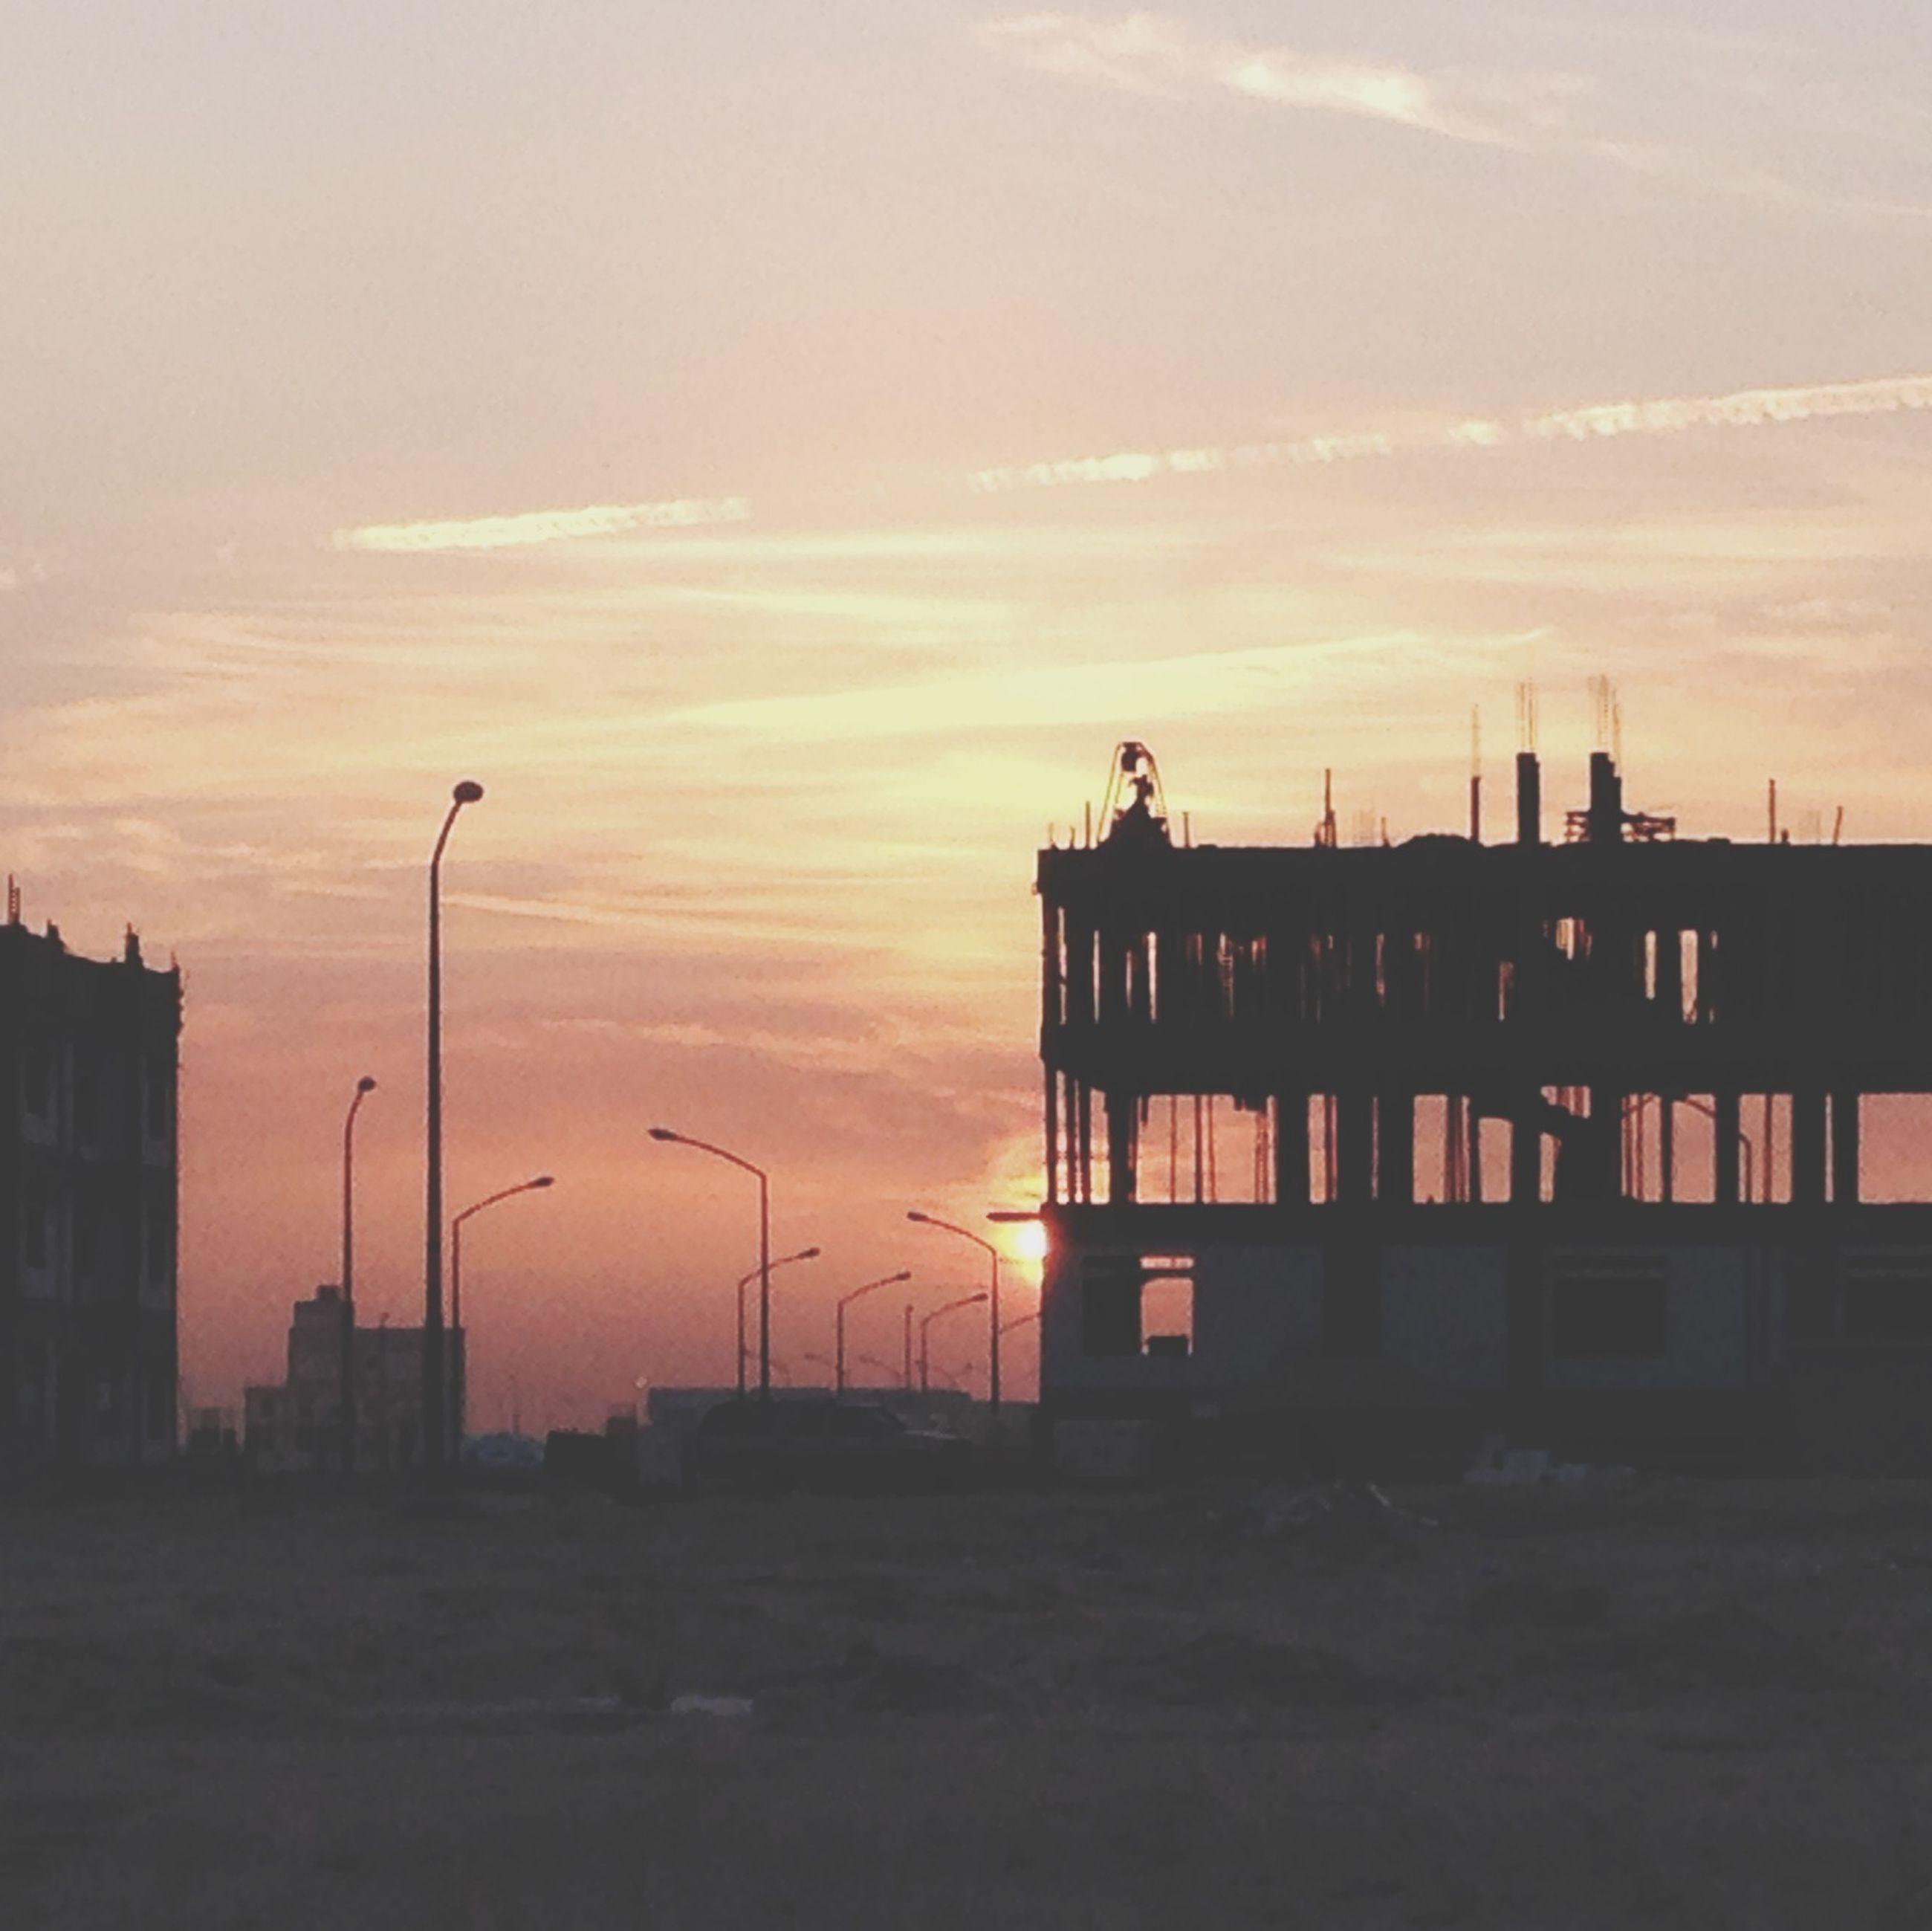 sunset, building exterior, architecture, built structure, sky, silhouette, orange color, city, cloud - sky, residential structure, building, residential building, outdoors, street light, transportation, house, dusk, cloud, nature, no people